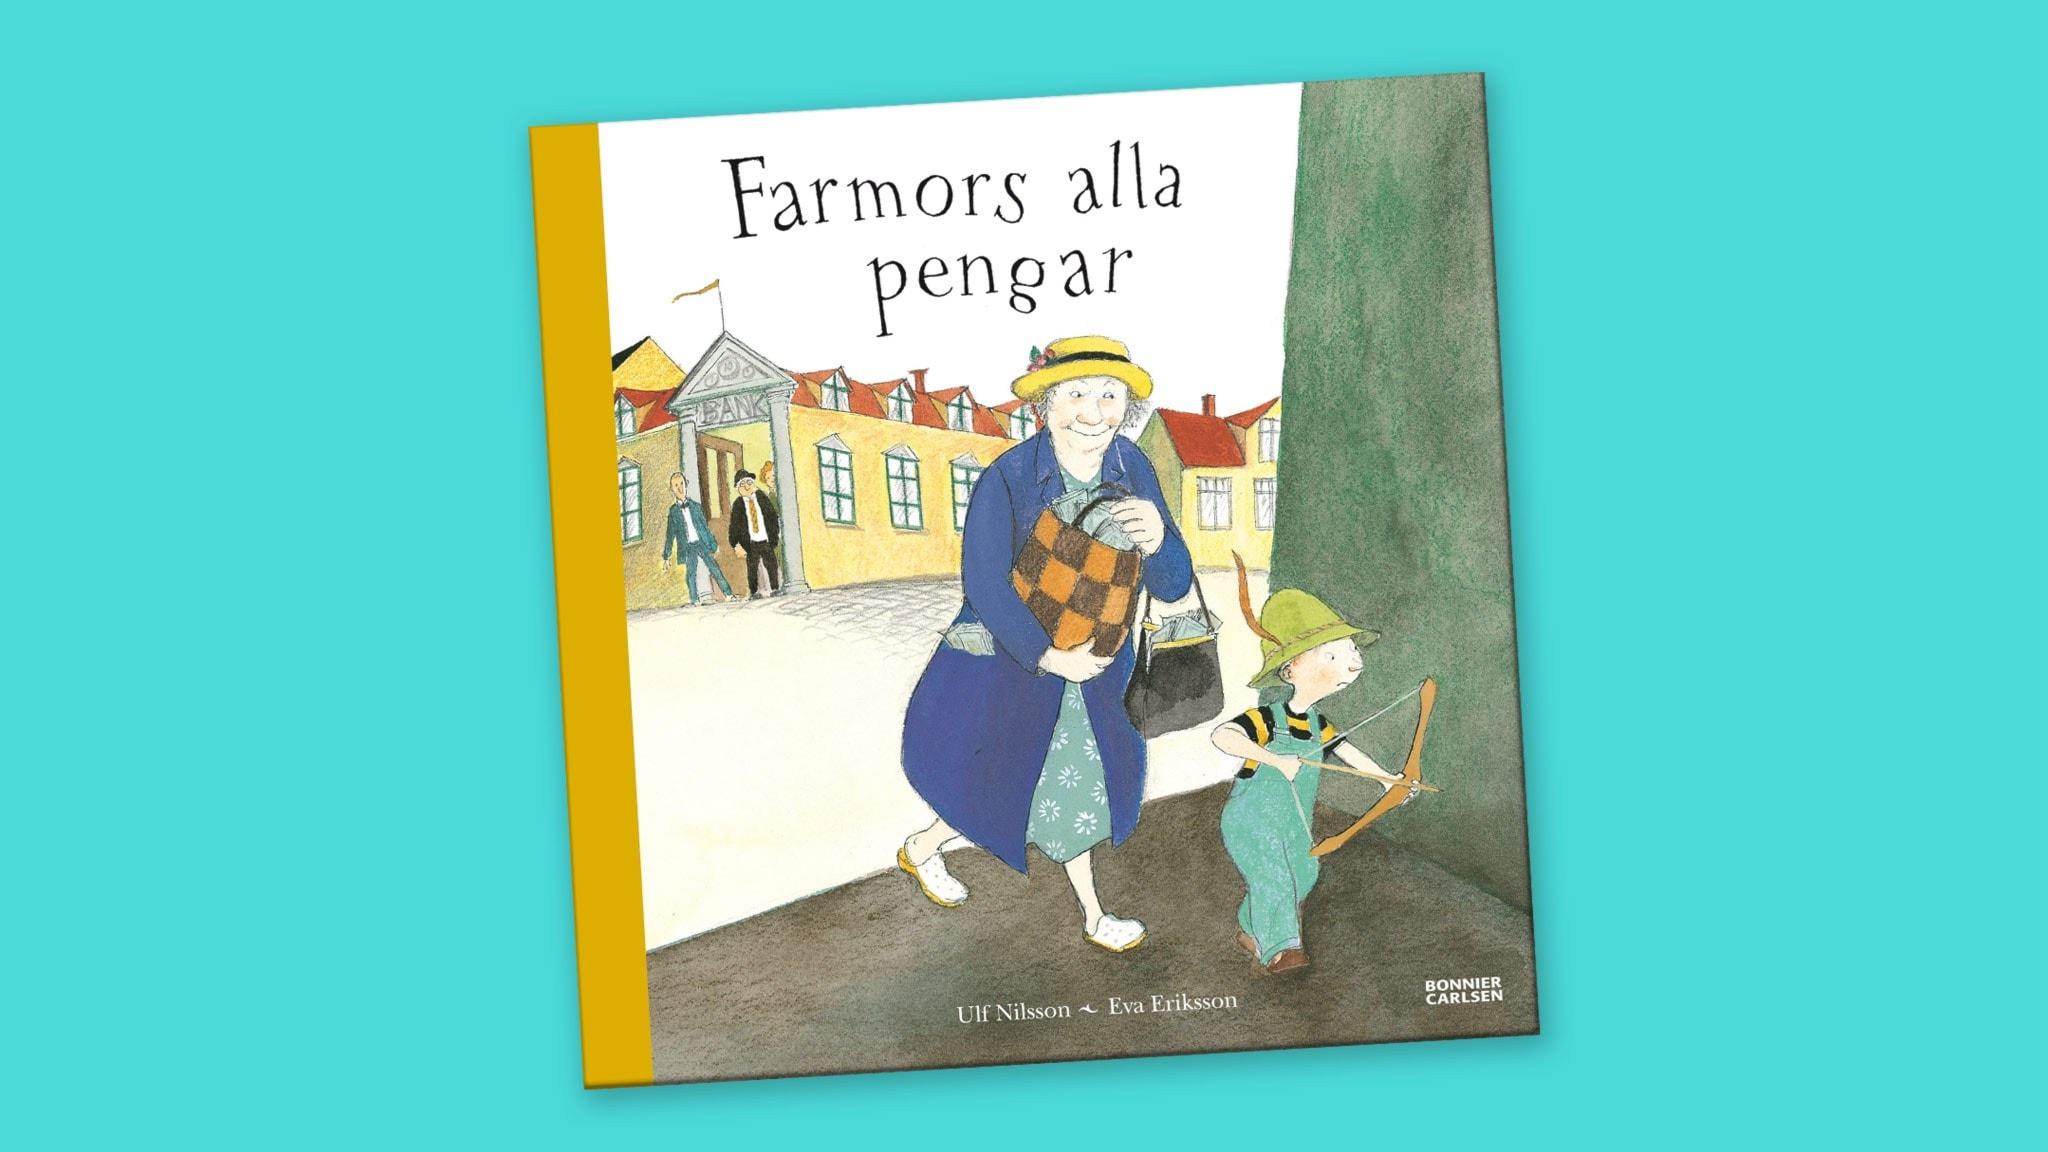 Godnattsagor: Farmors alla pengar del 1